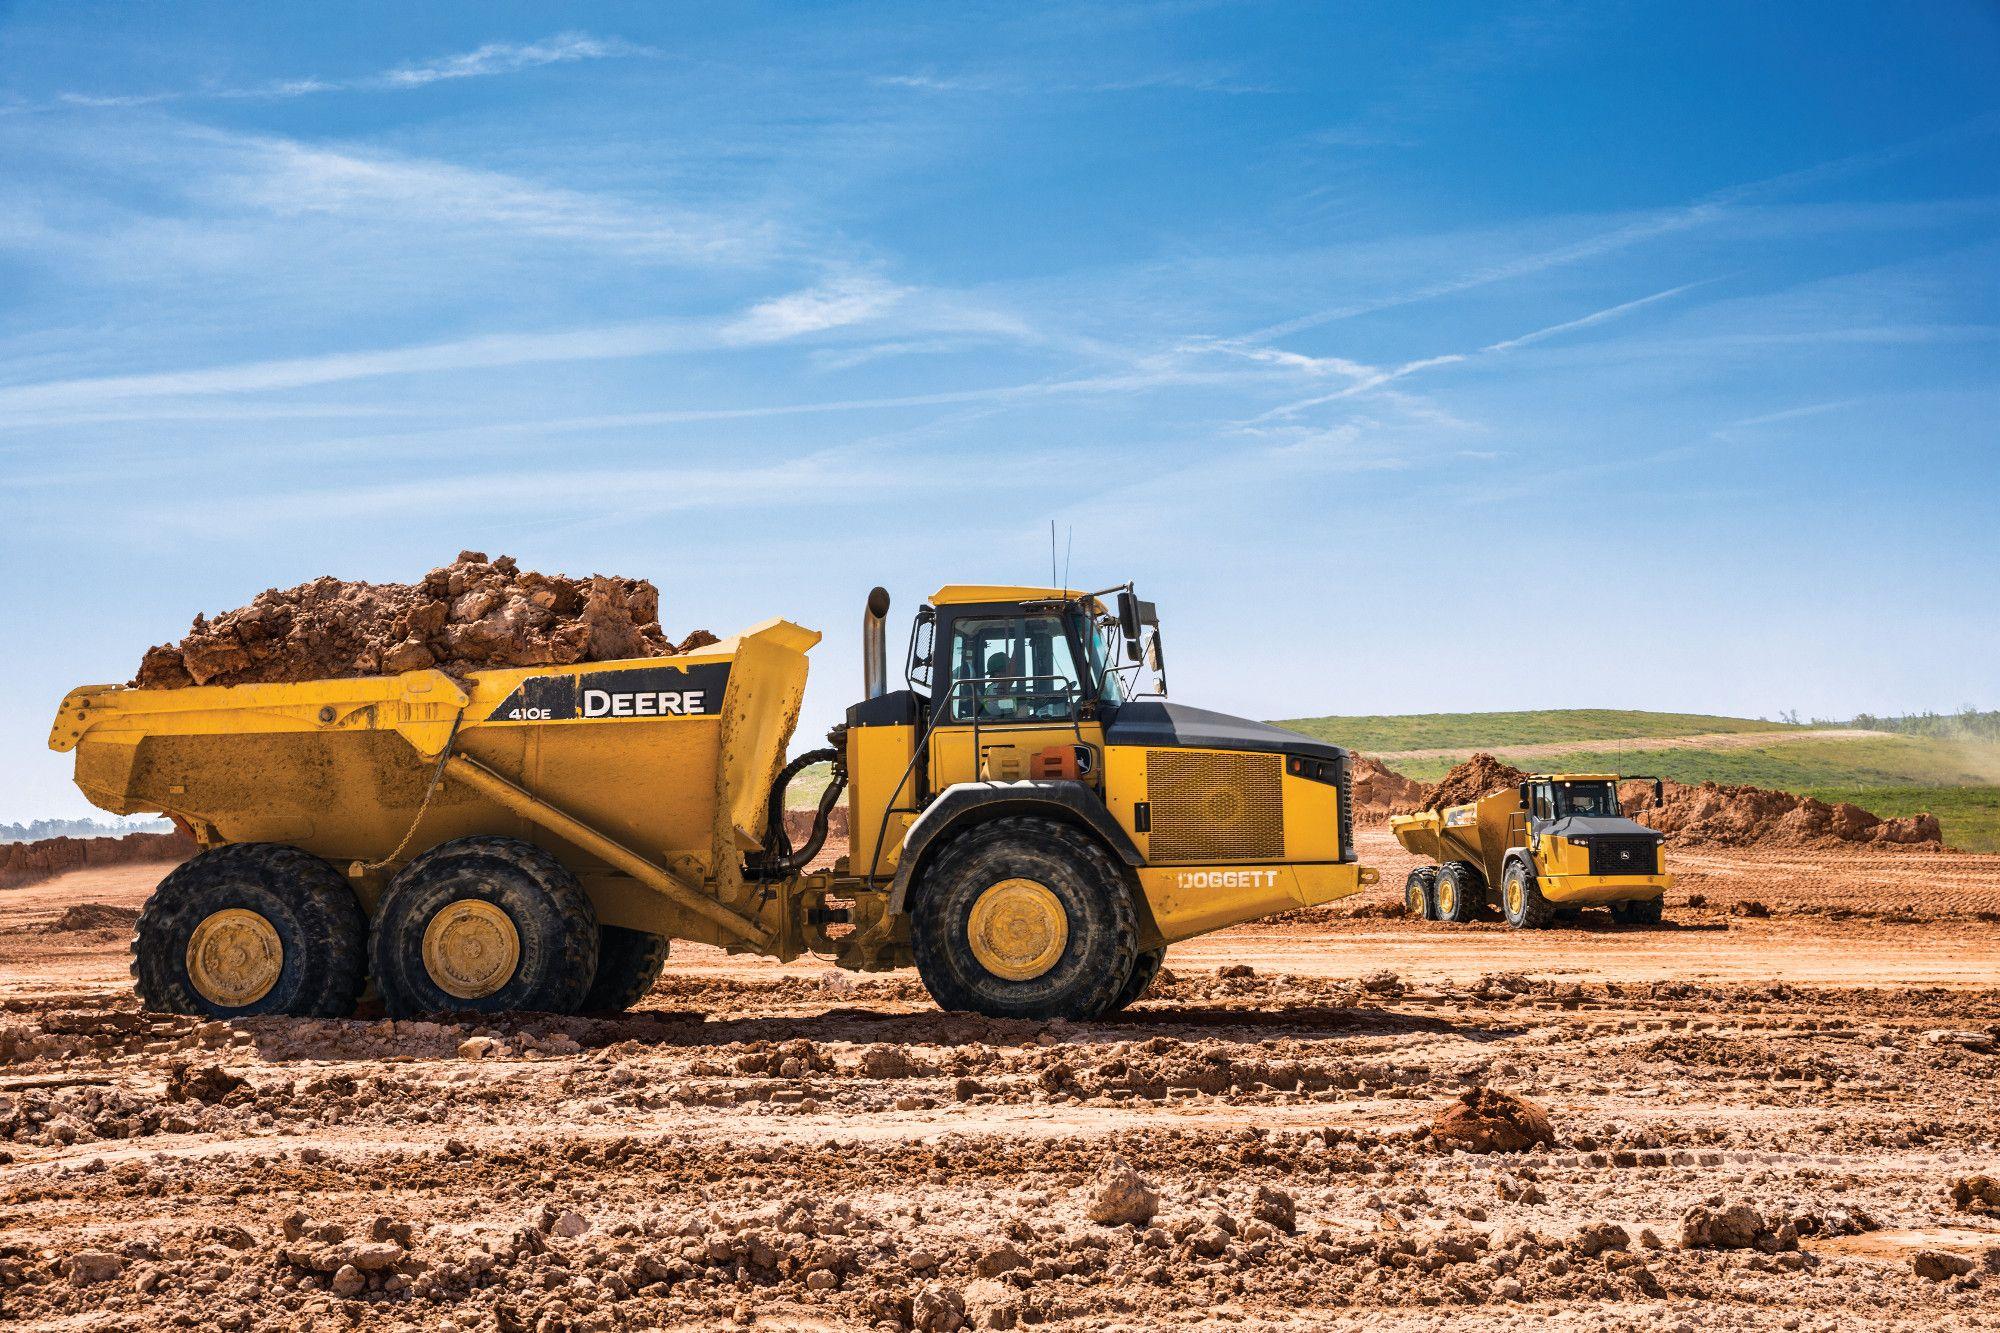 410E Articulated Dump Truck 📸 Dump trucks